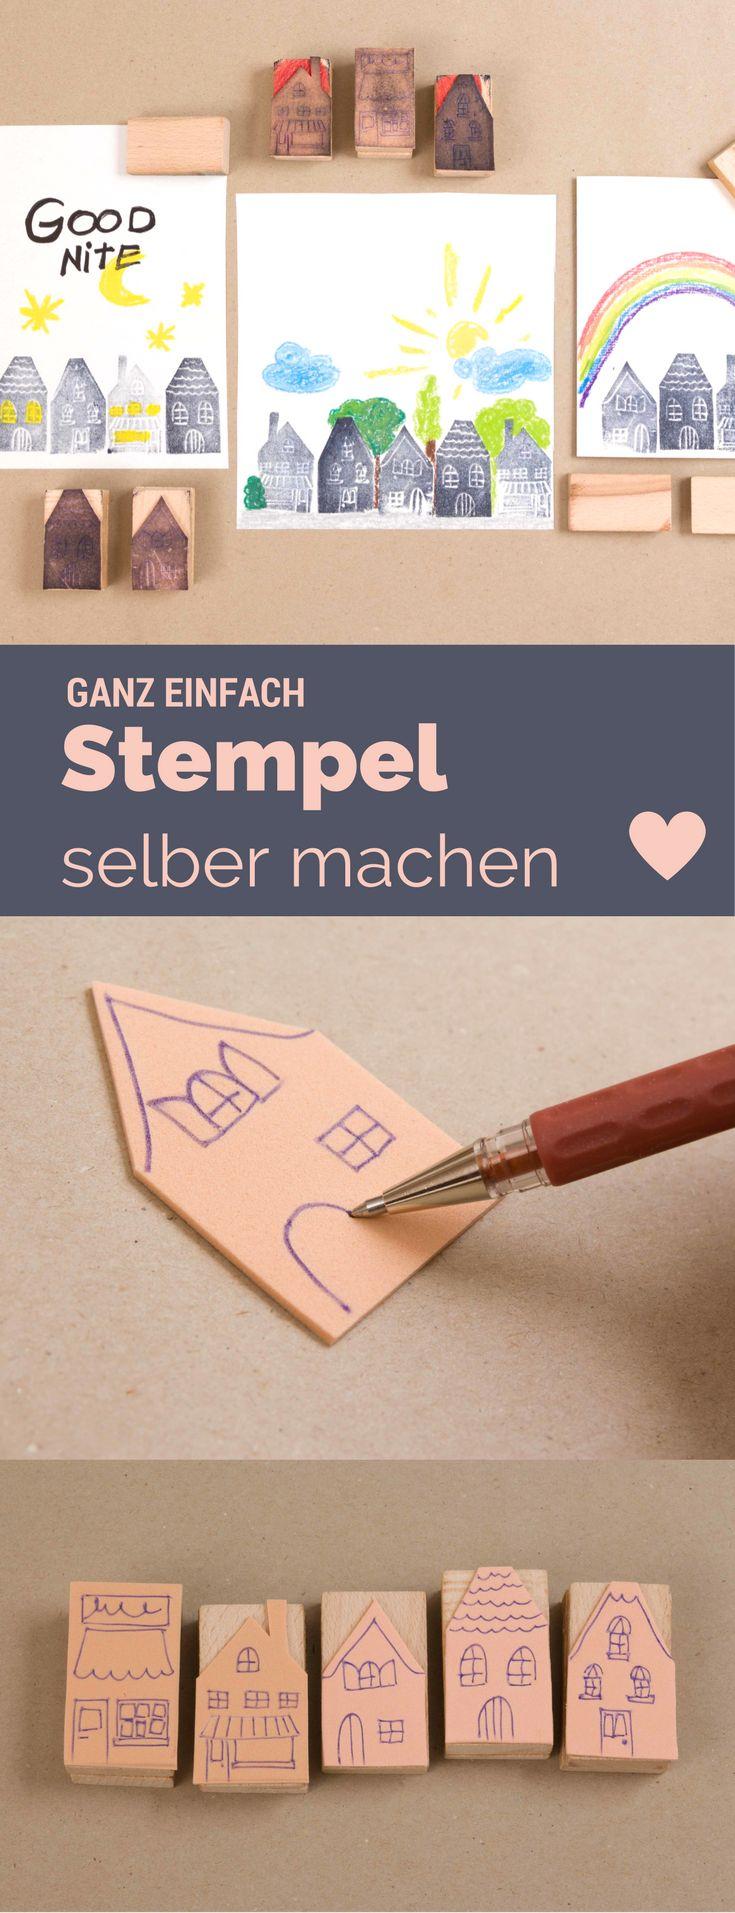 Stempel selber machen - einfach Vorlagen anfertigen mit einem Kuli und Mossgummi. Kinderleicht und sehr günstig - auch gut als Bastelidee für Kindergeburtstage! http://www.meinesvenja.de/2014/03/20/stempel-selber-machen/